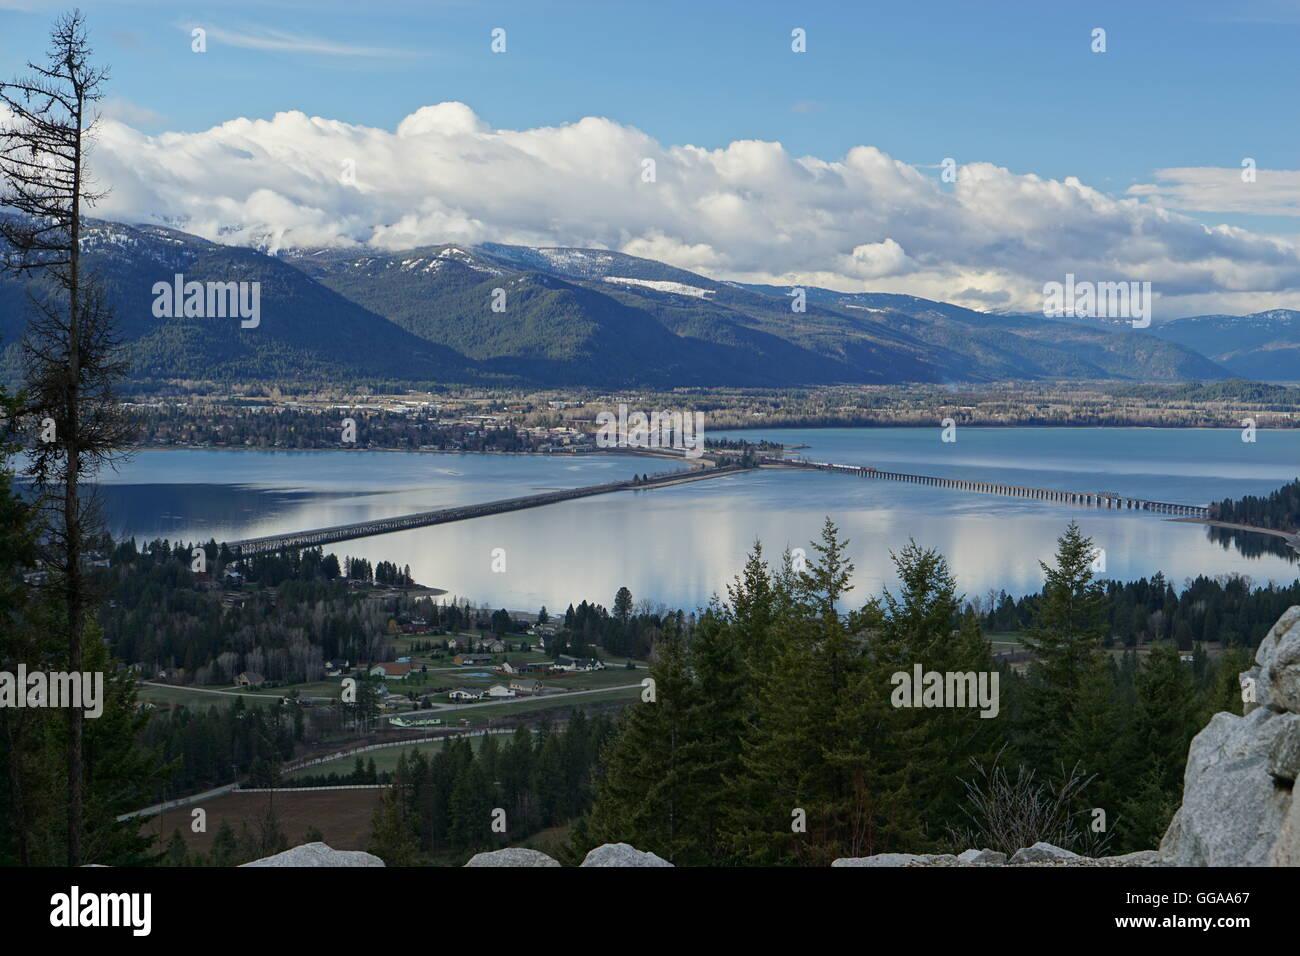 Lake Pend Oreille, Idaho Bird's-eye View - Stock Image